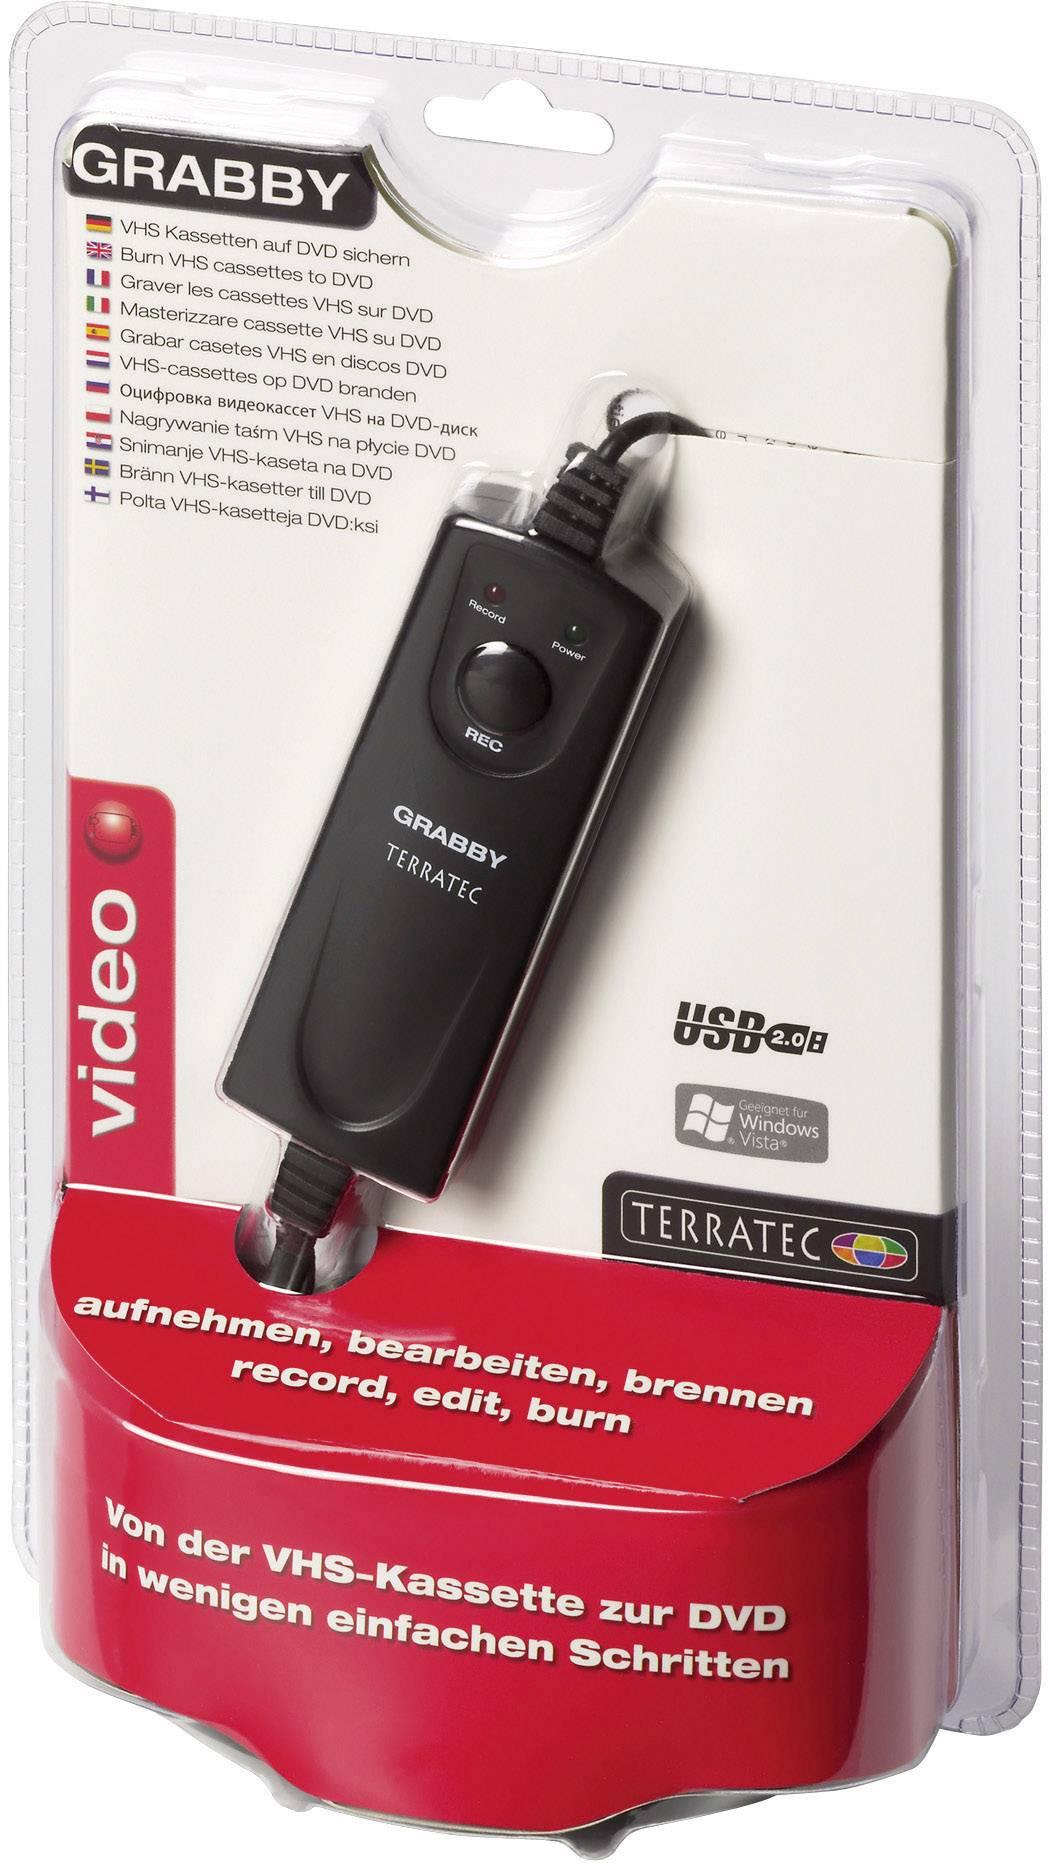 USB zariadenie na prevod videa do digitálneho záznamu, Terratec Grabby 10620